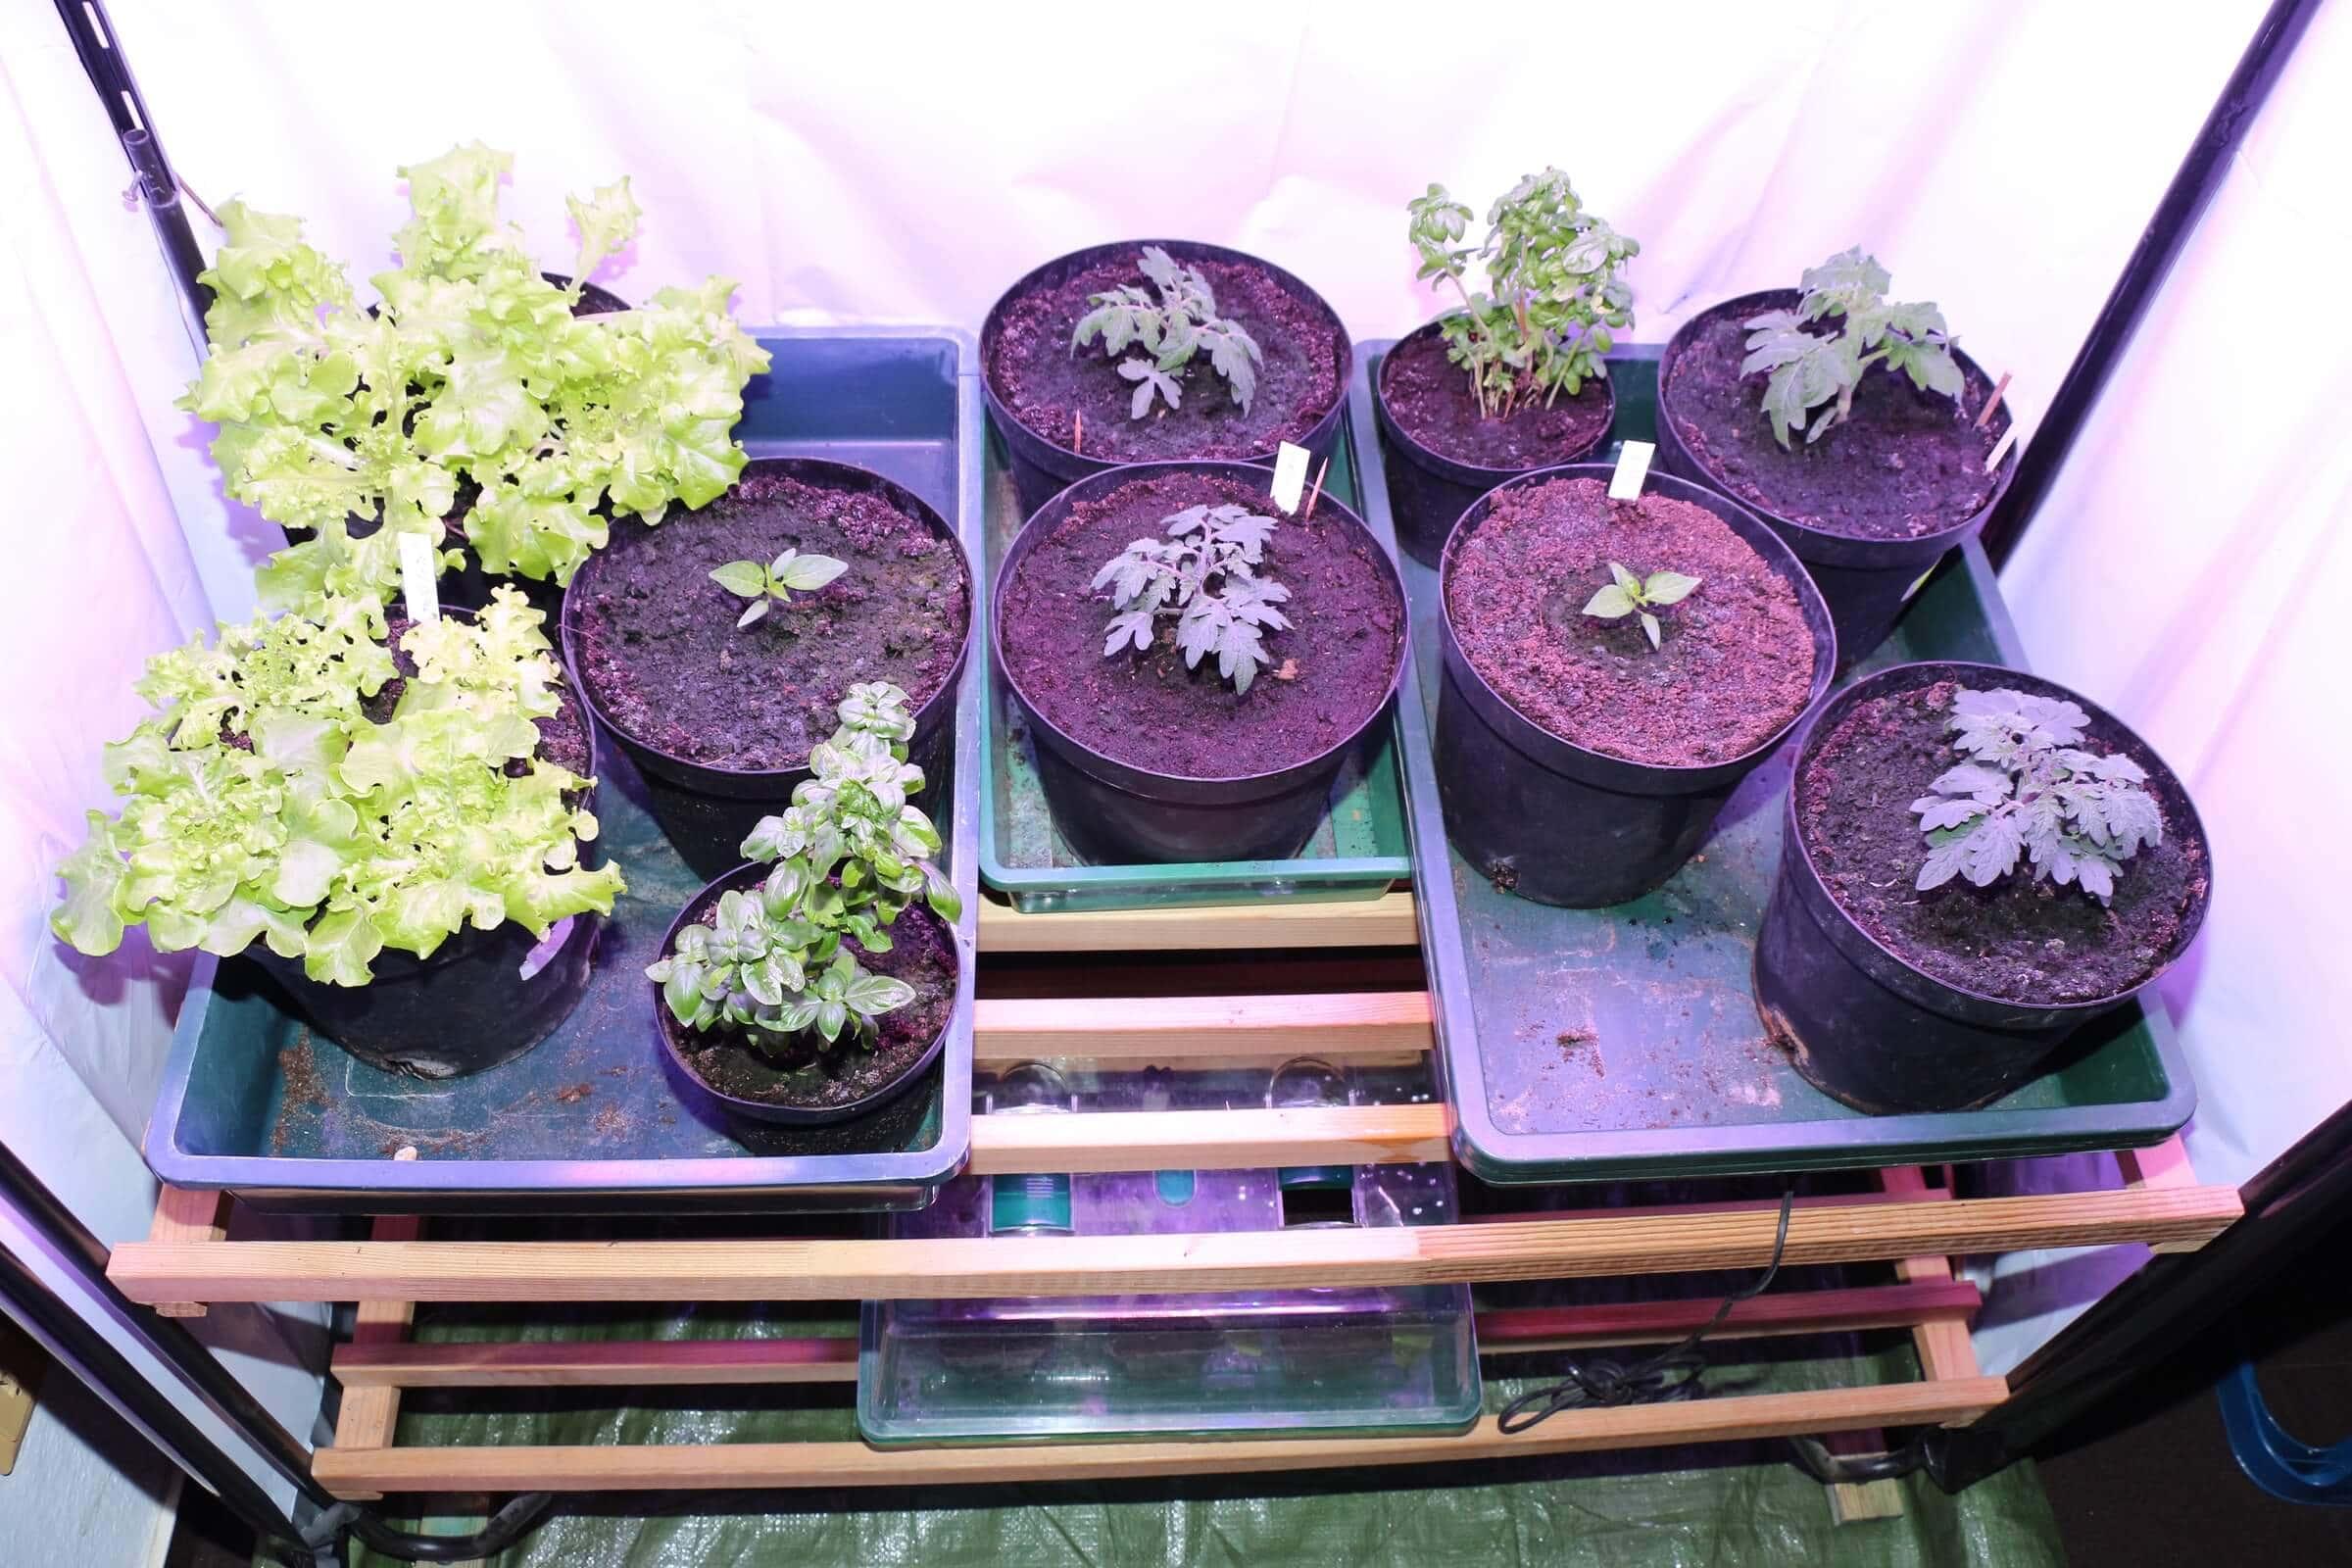 wurmhumus im test wachsen die pflanzen besser. Black Bedroom Furniture Sets. Home Design Ideas